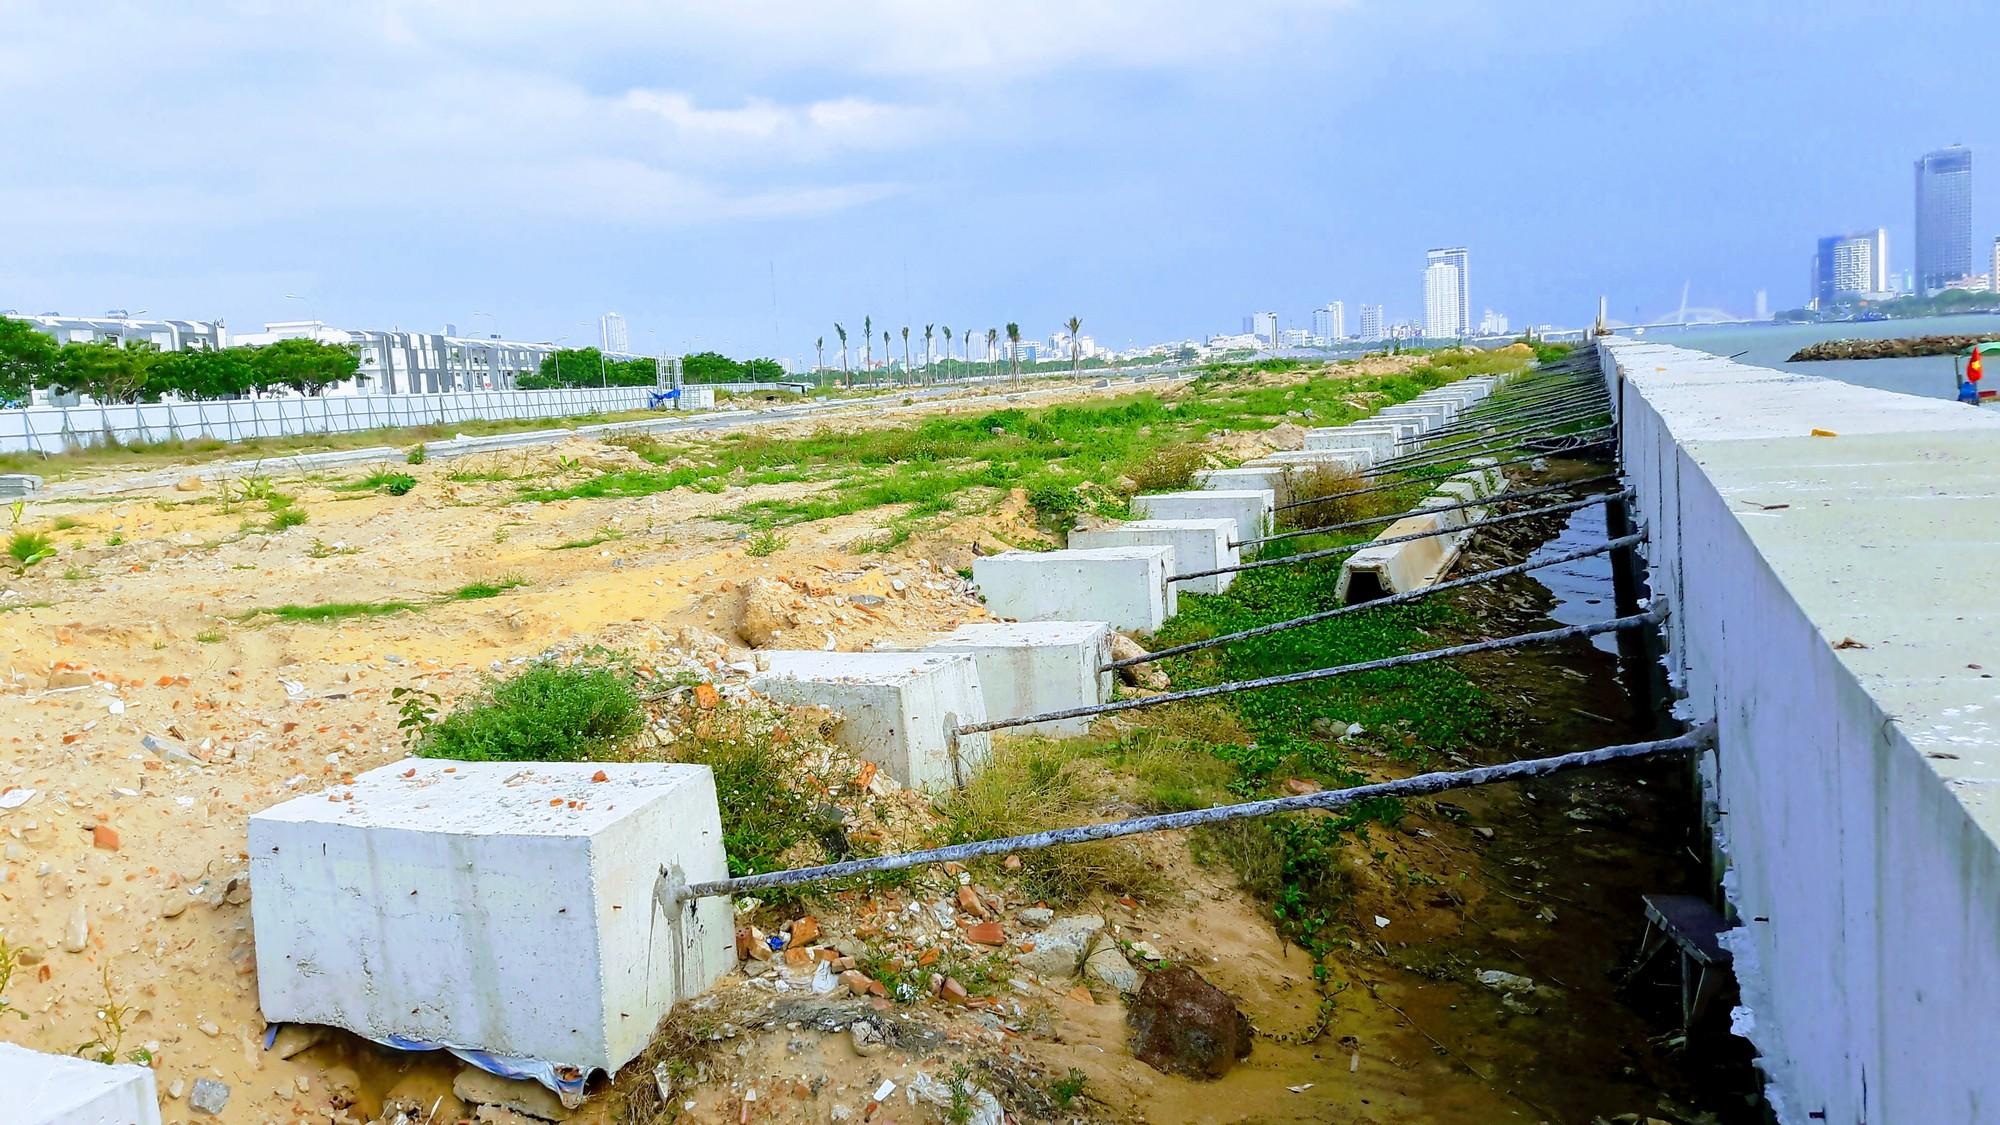 Chủ đầu tư hai dự án bất động sản lấn sông Hàn thống nhất dành khu ven sông làm công viên, lối đi bộ - Ảnh 6.